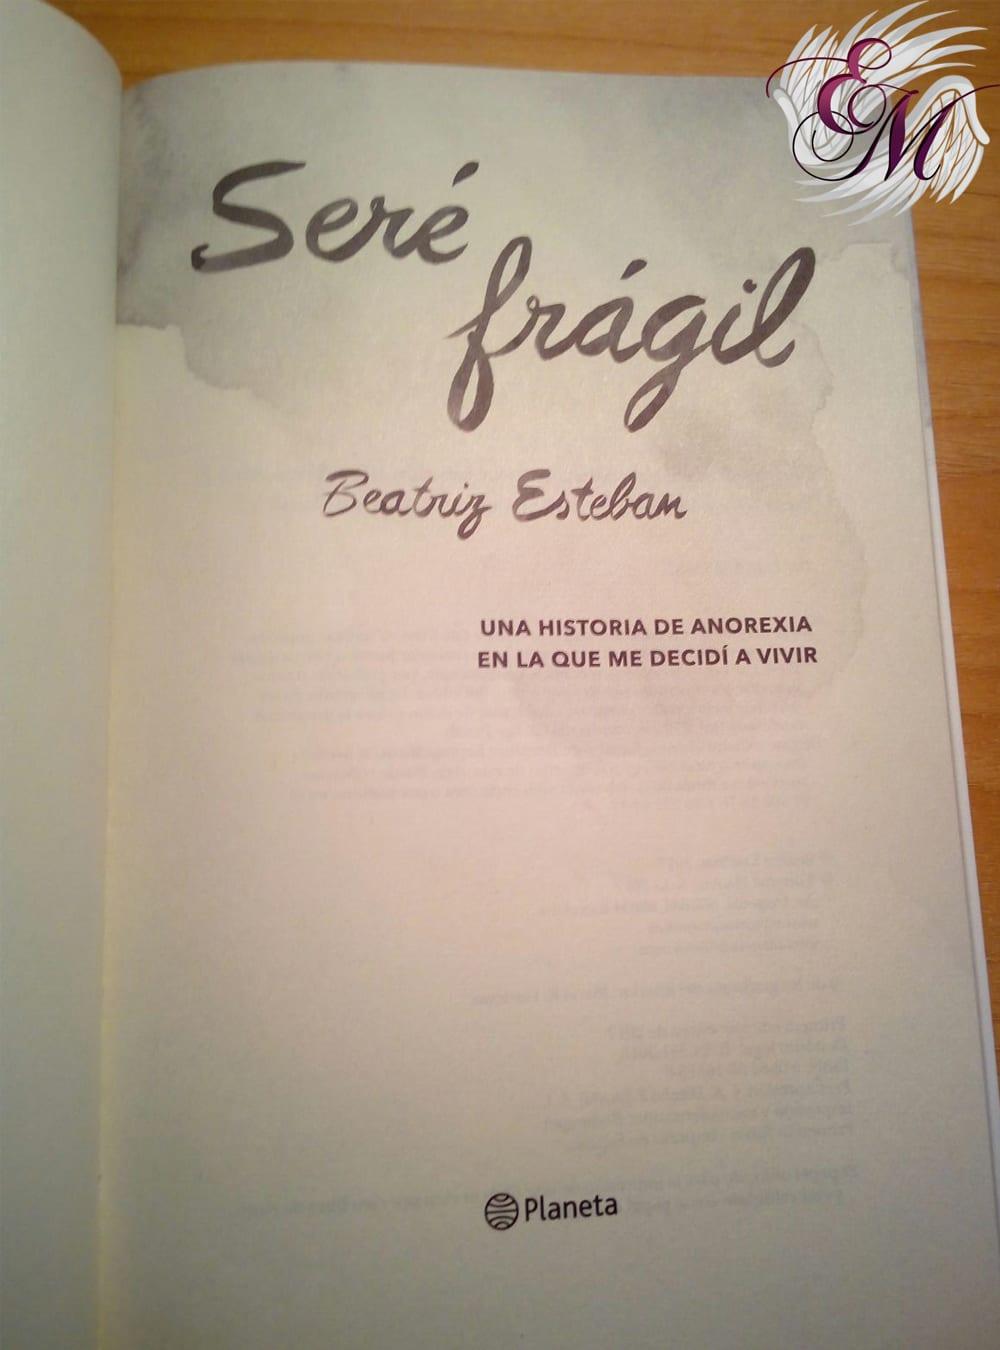 Seré frágil, de Beatriz Esteban - Reseña